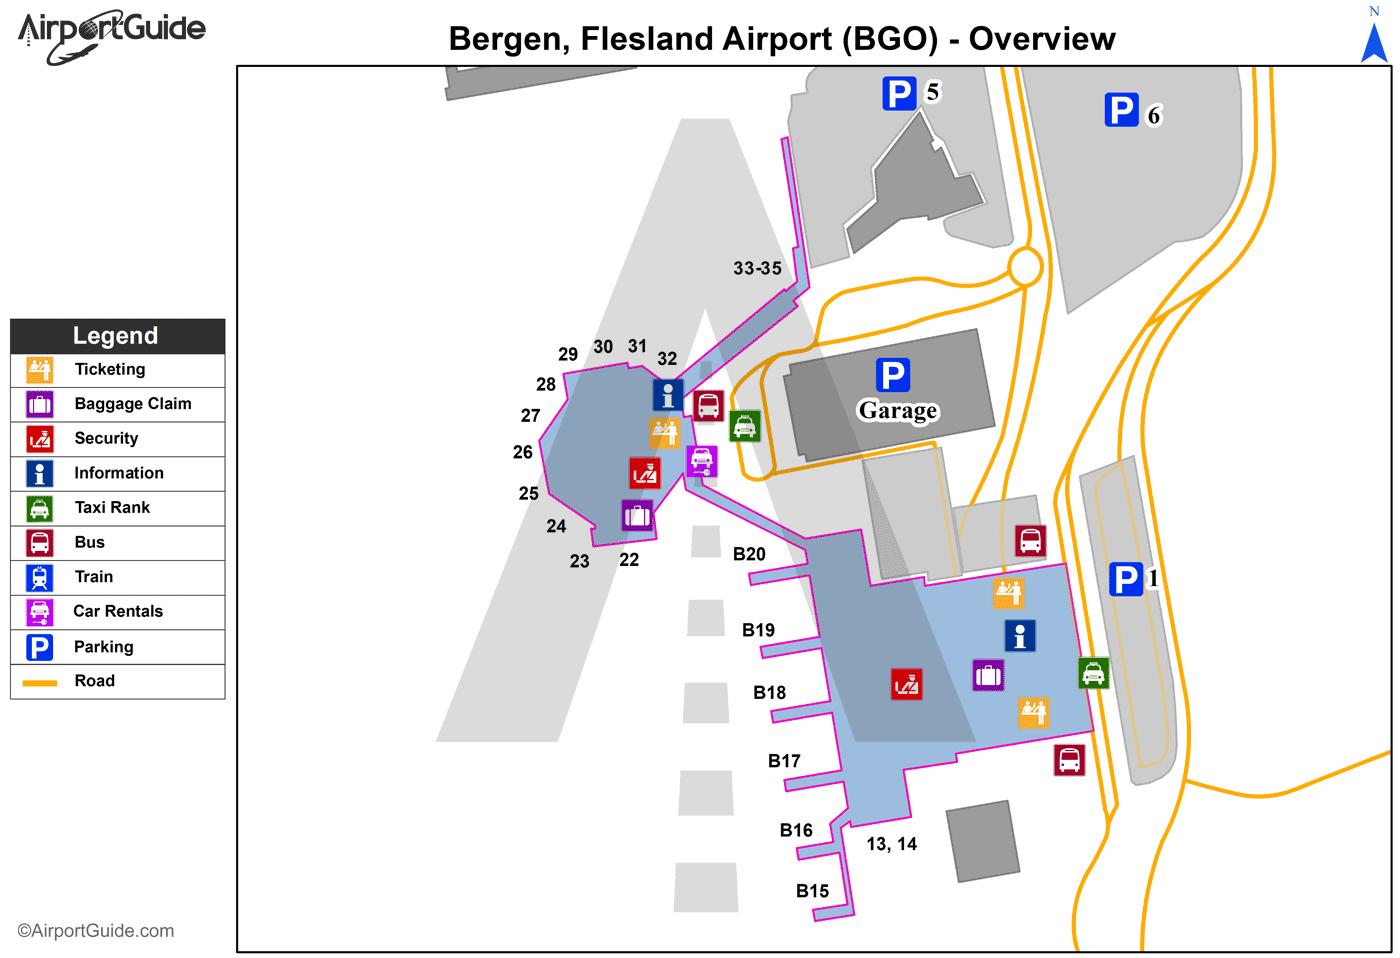 bergen airport terminal map Bergen Bergen Flesland Bgo Airport Terminal Maps bergen airport terminal map